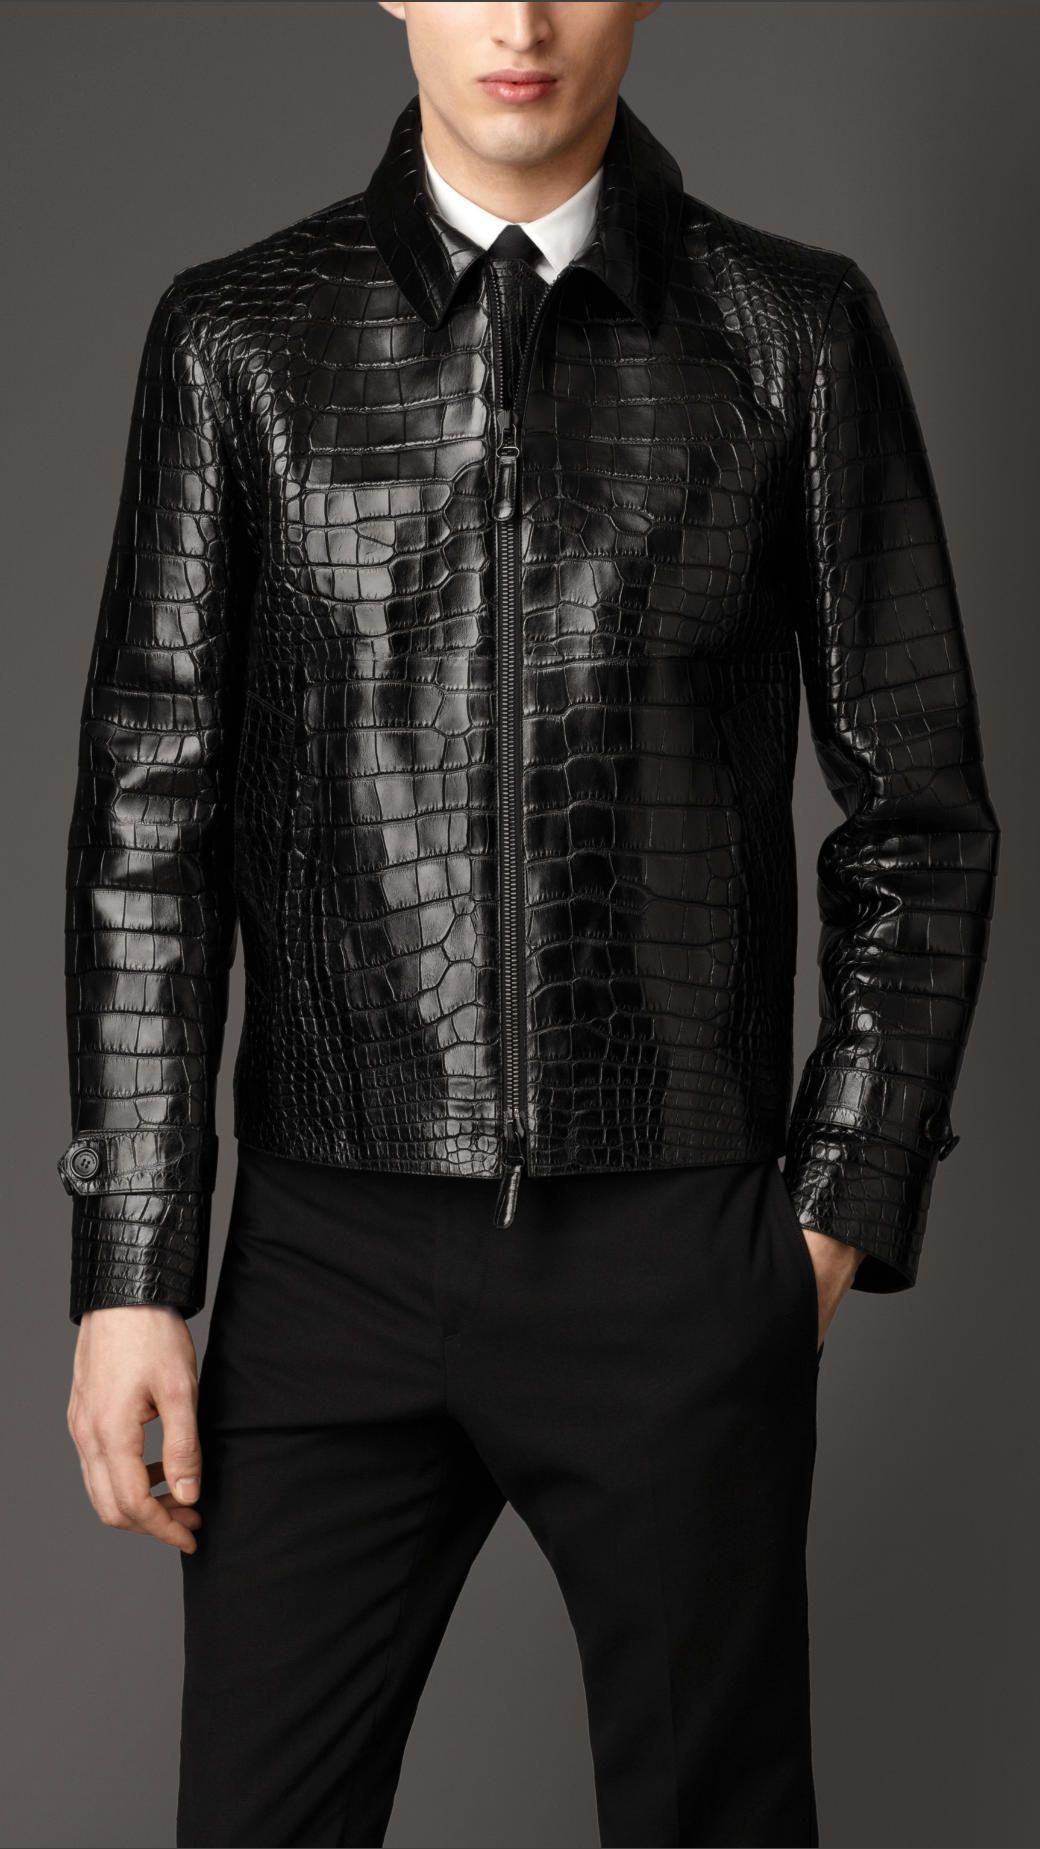 75 000 Jacket Leather Jacket Style Leather Jacket Men Leather Jacket [ 1849 x 1040 Pixel ]